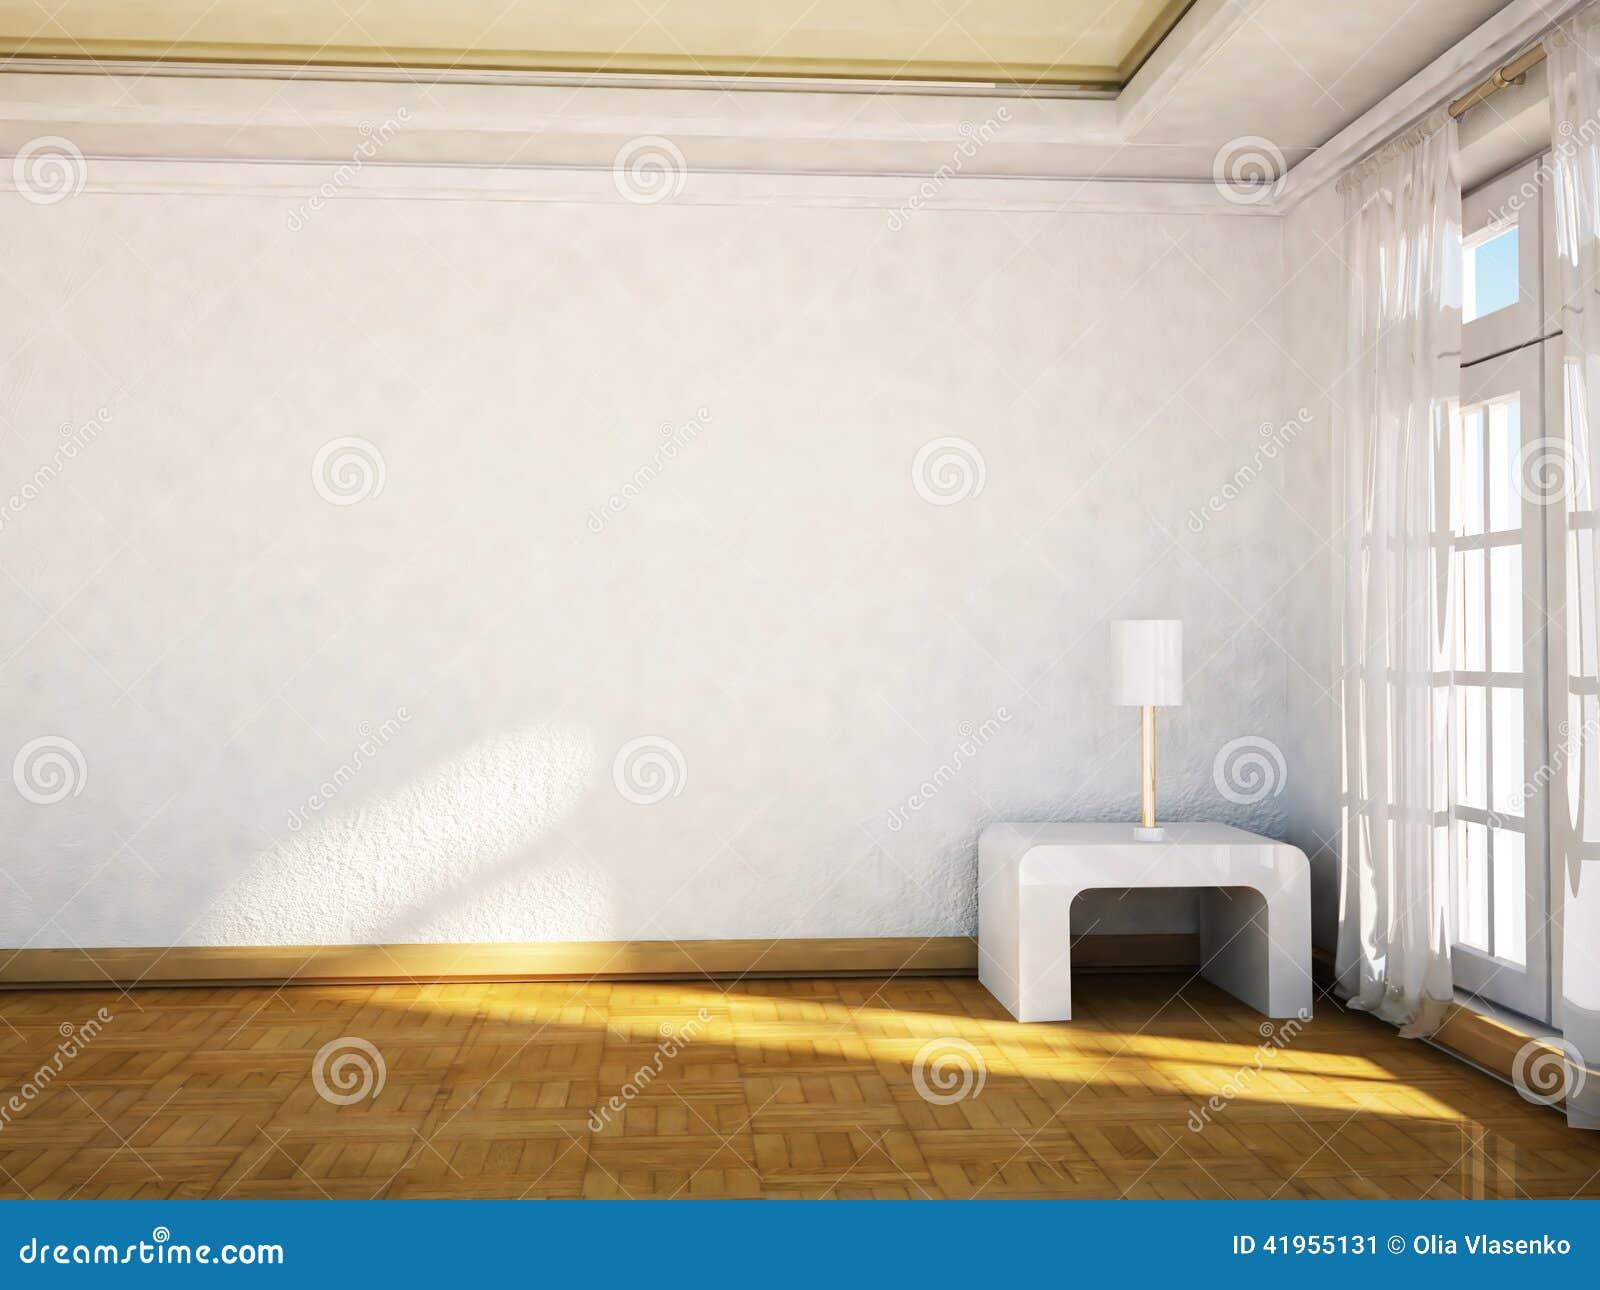 Duży okno i lampa na stole